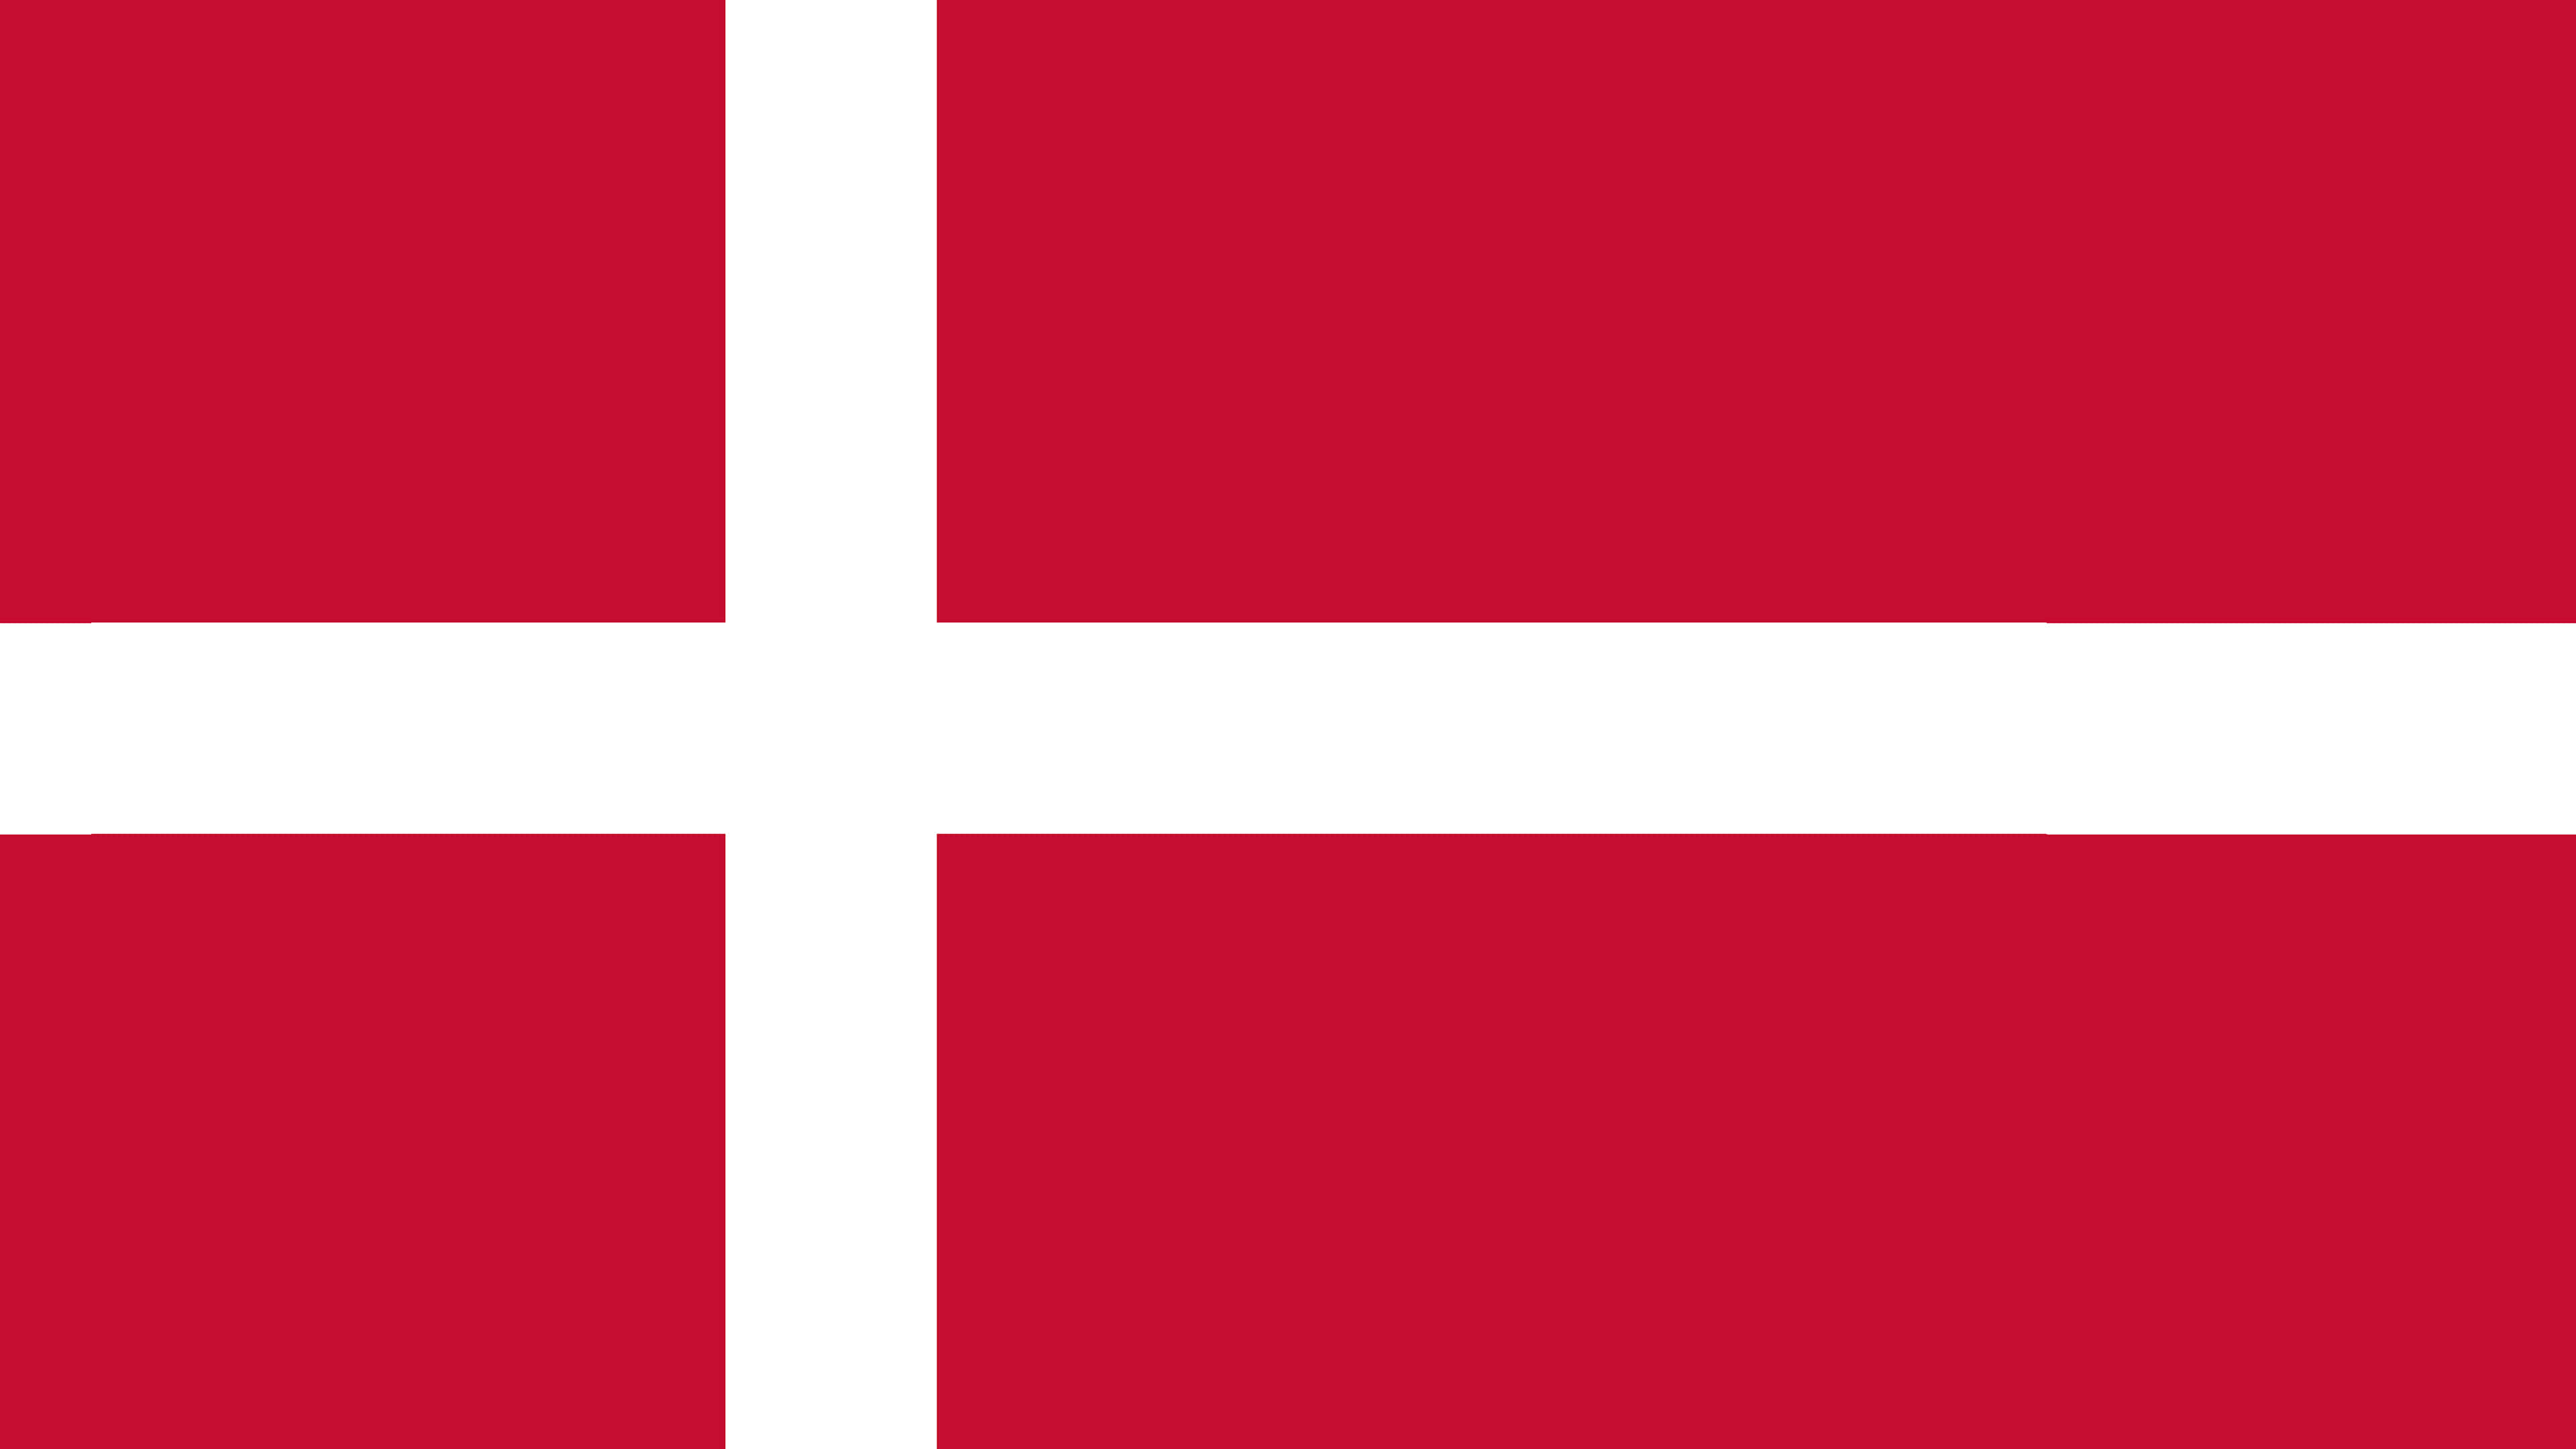 denmark flag uhd 4k wallpaper